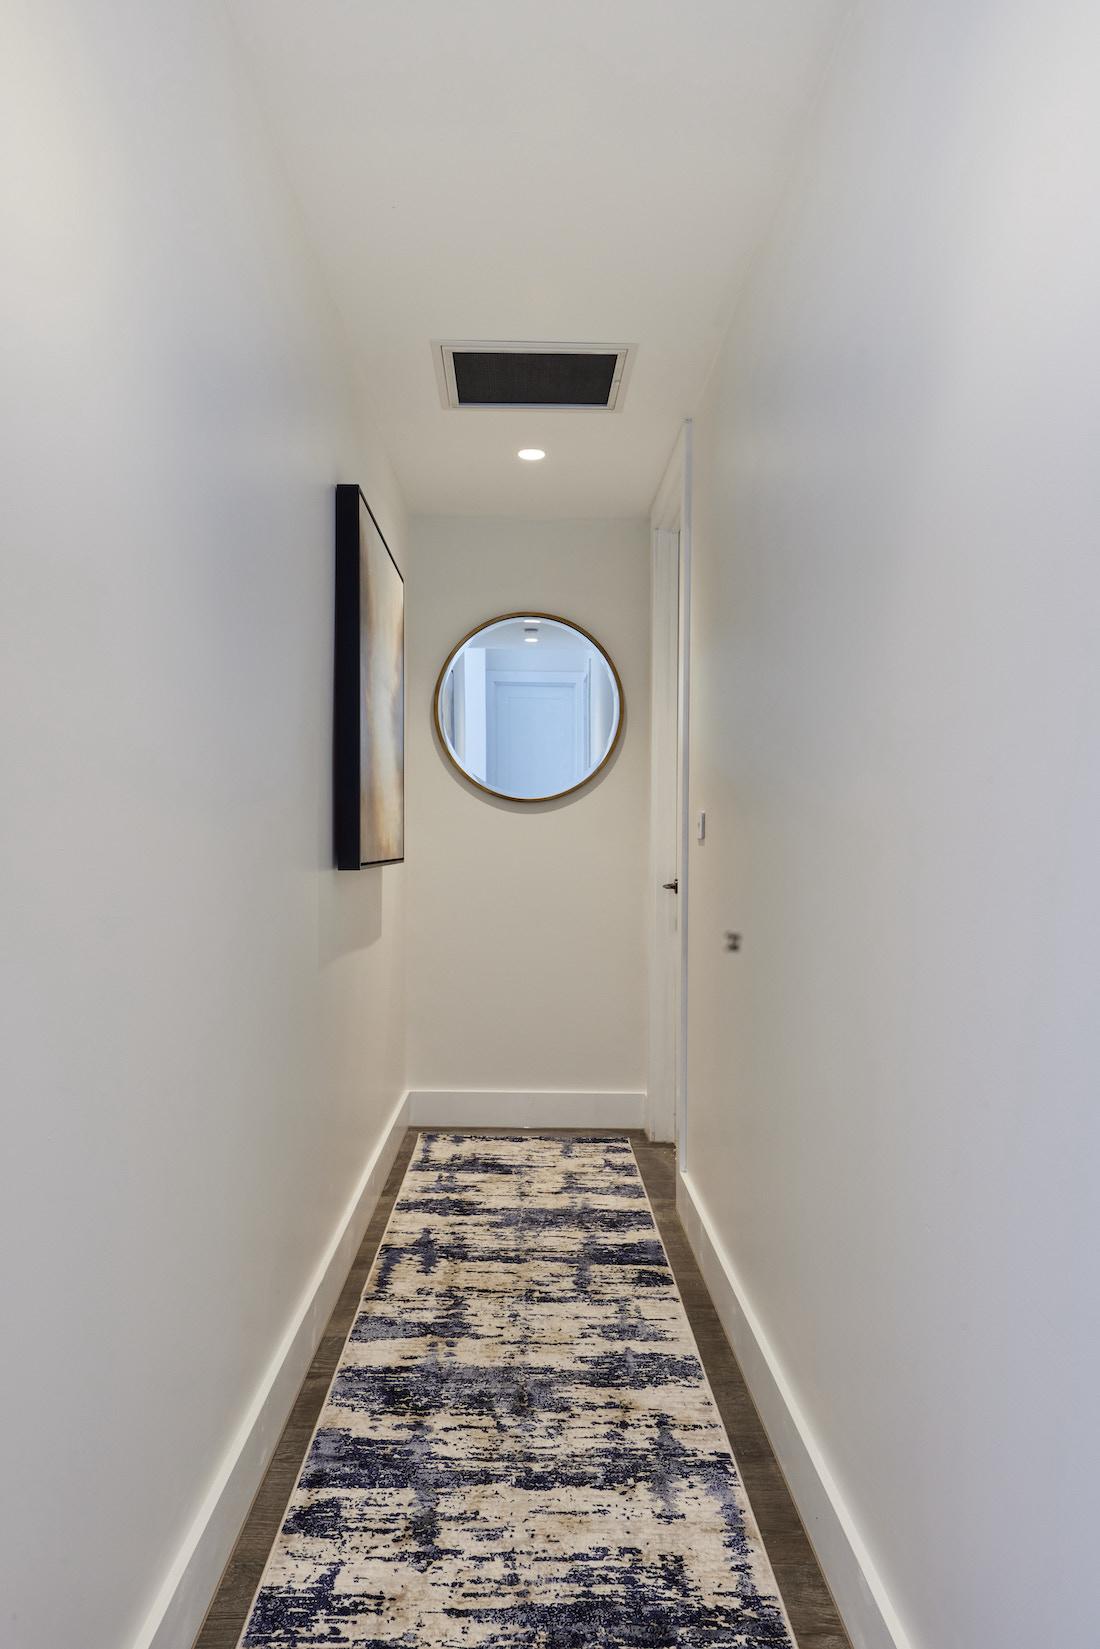 Hallway runner rug and round mirror